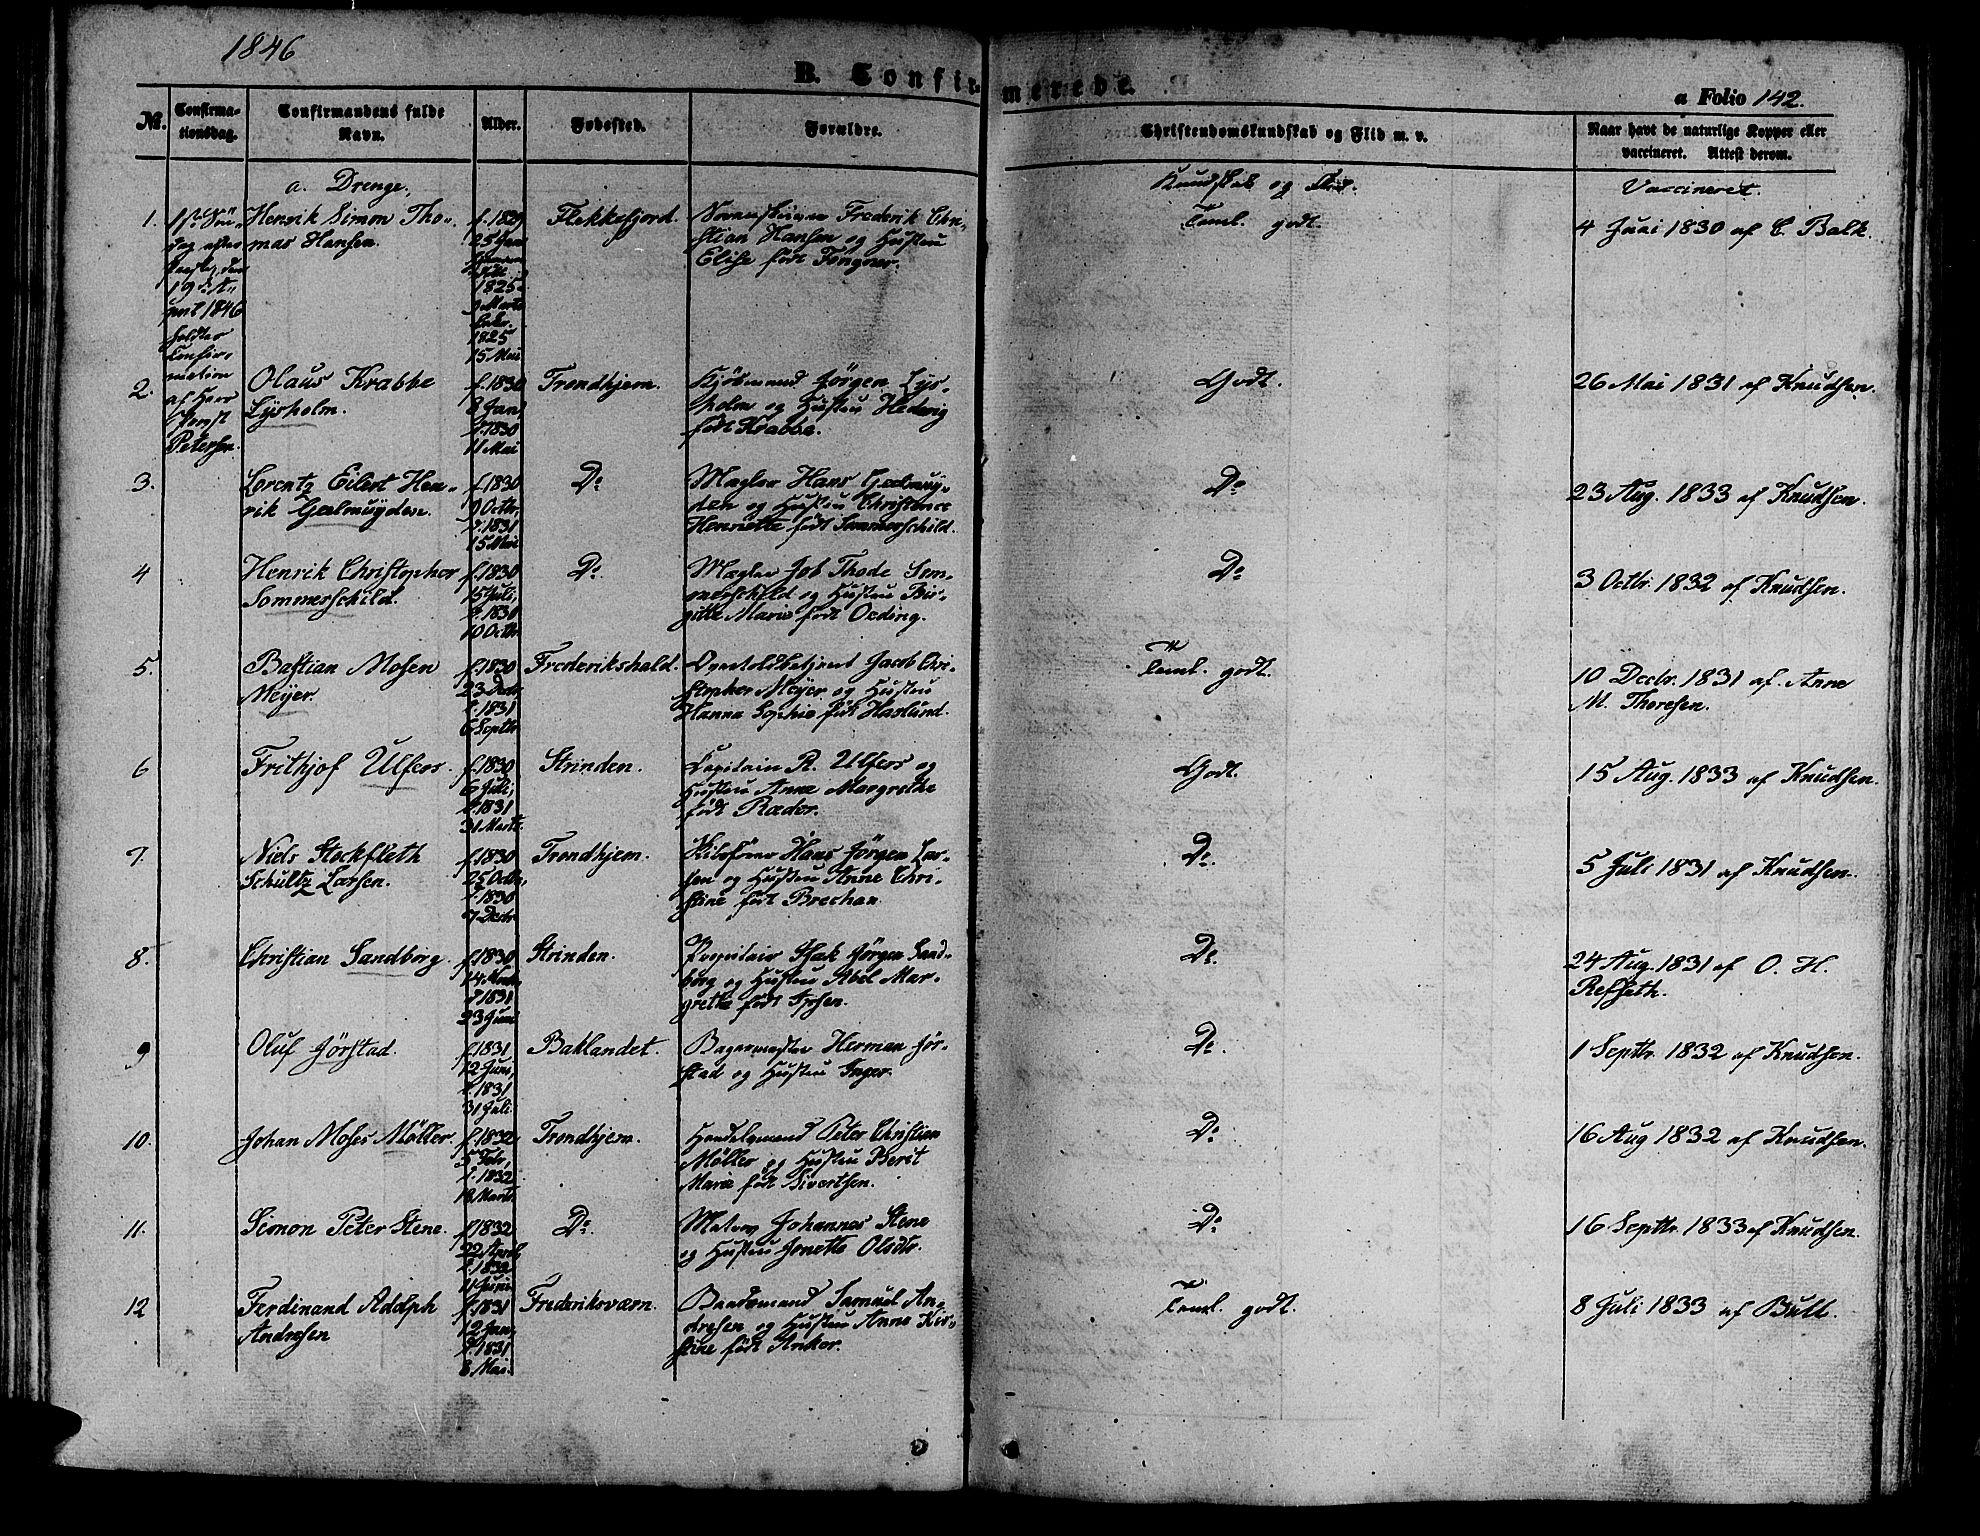 SAT, Ministerialprotokoller, klokkerbøker og fødselsregistre - Sør-Trøndelag, 602/L0137: Klokkerbok nr. 602C05, 1846-1856, s. 142